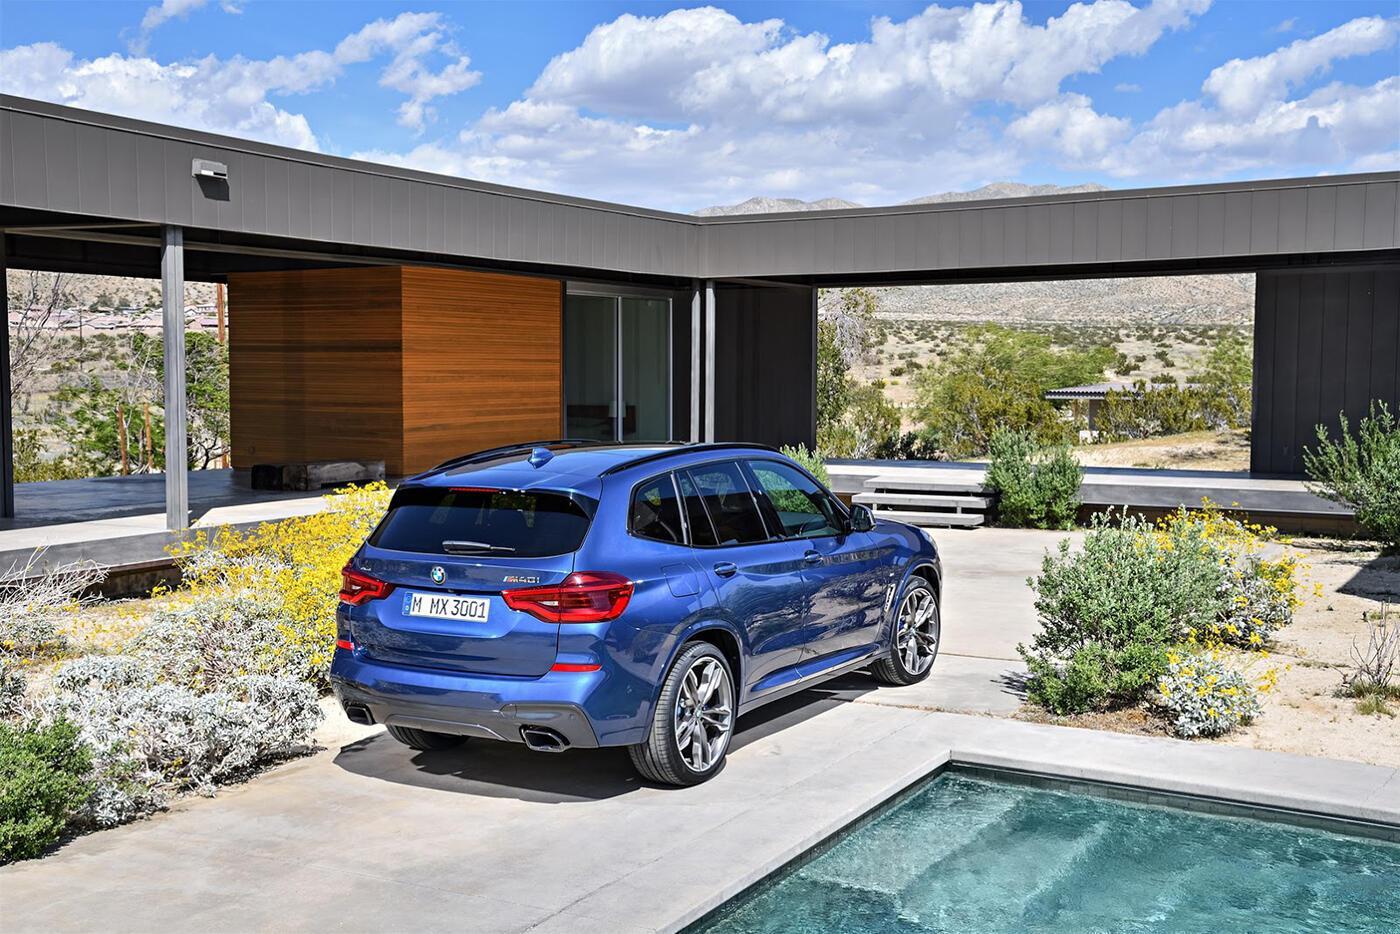 Ảnh chi tiết BMW X3 2018 hoàn toàn mới - Hình 7